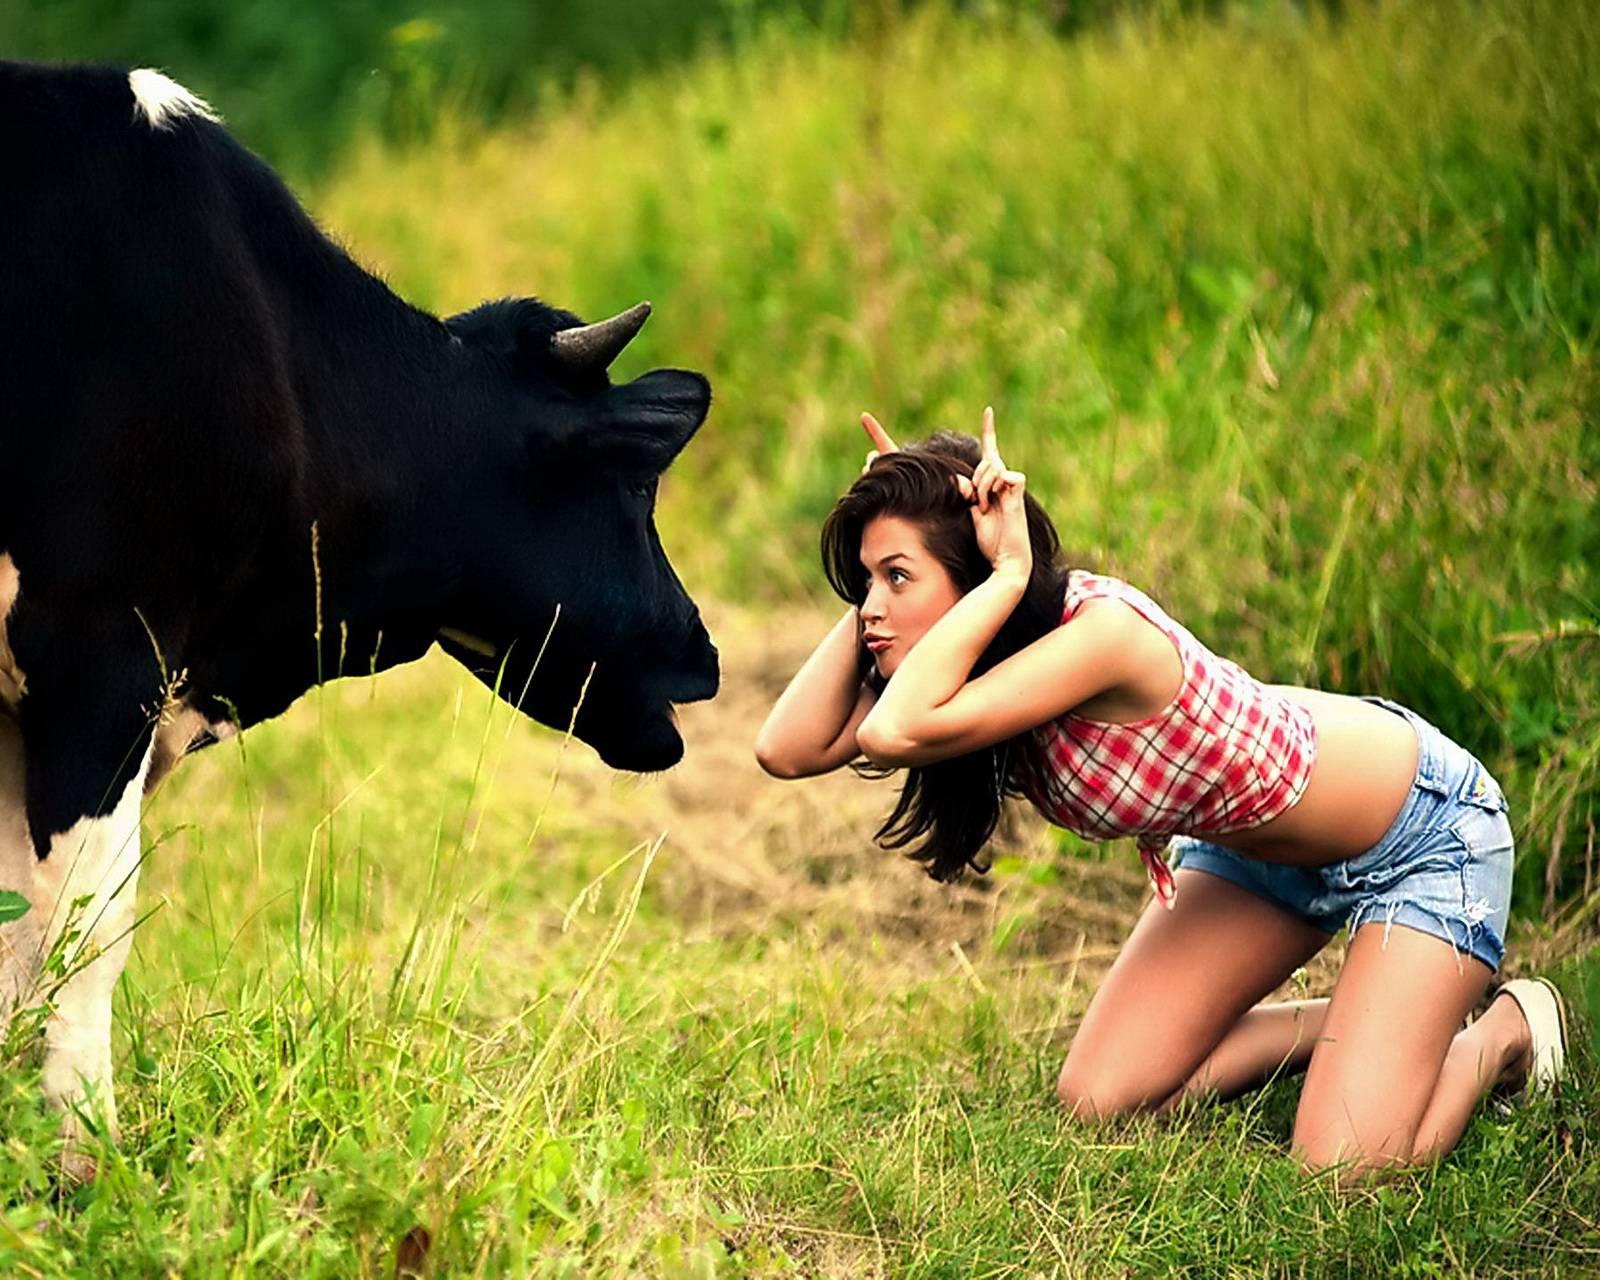 Girl Vs Cow